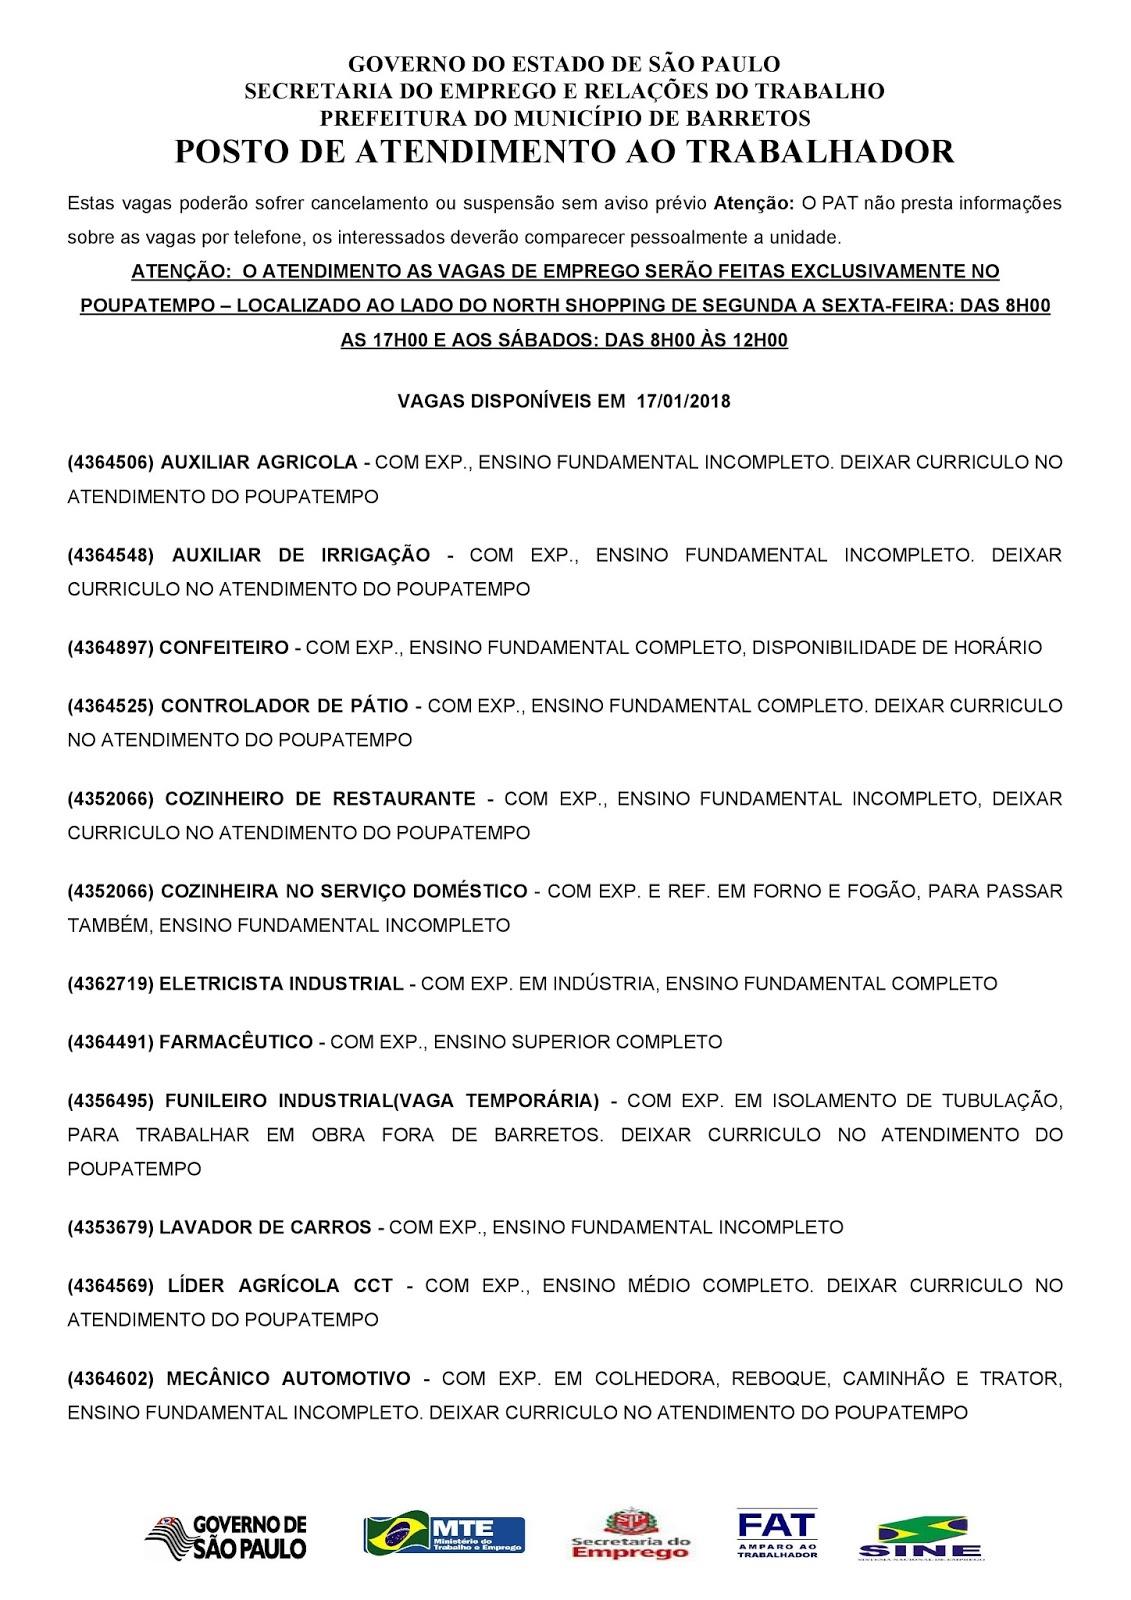 VAGAS DE EMPREGO DO PAT BARRETOS-SP PARA 17/01/2018 QUARTA-FEIRA - PAG. 1